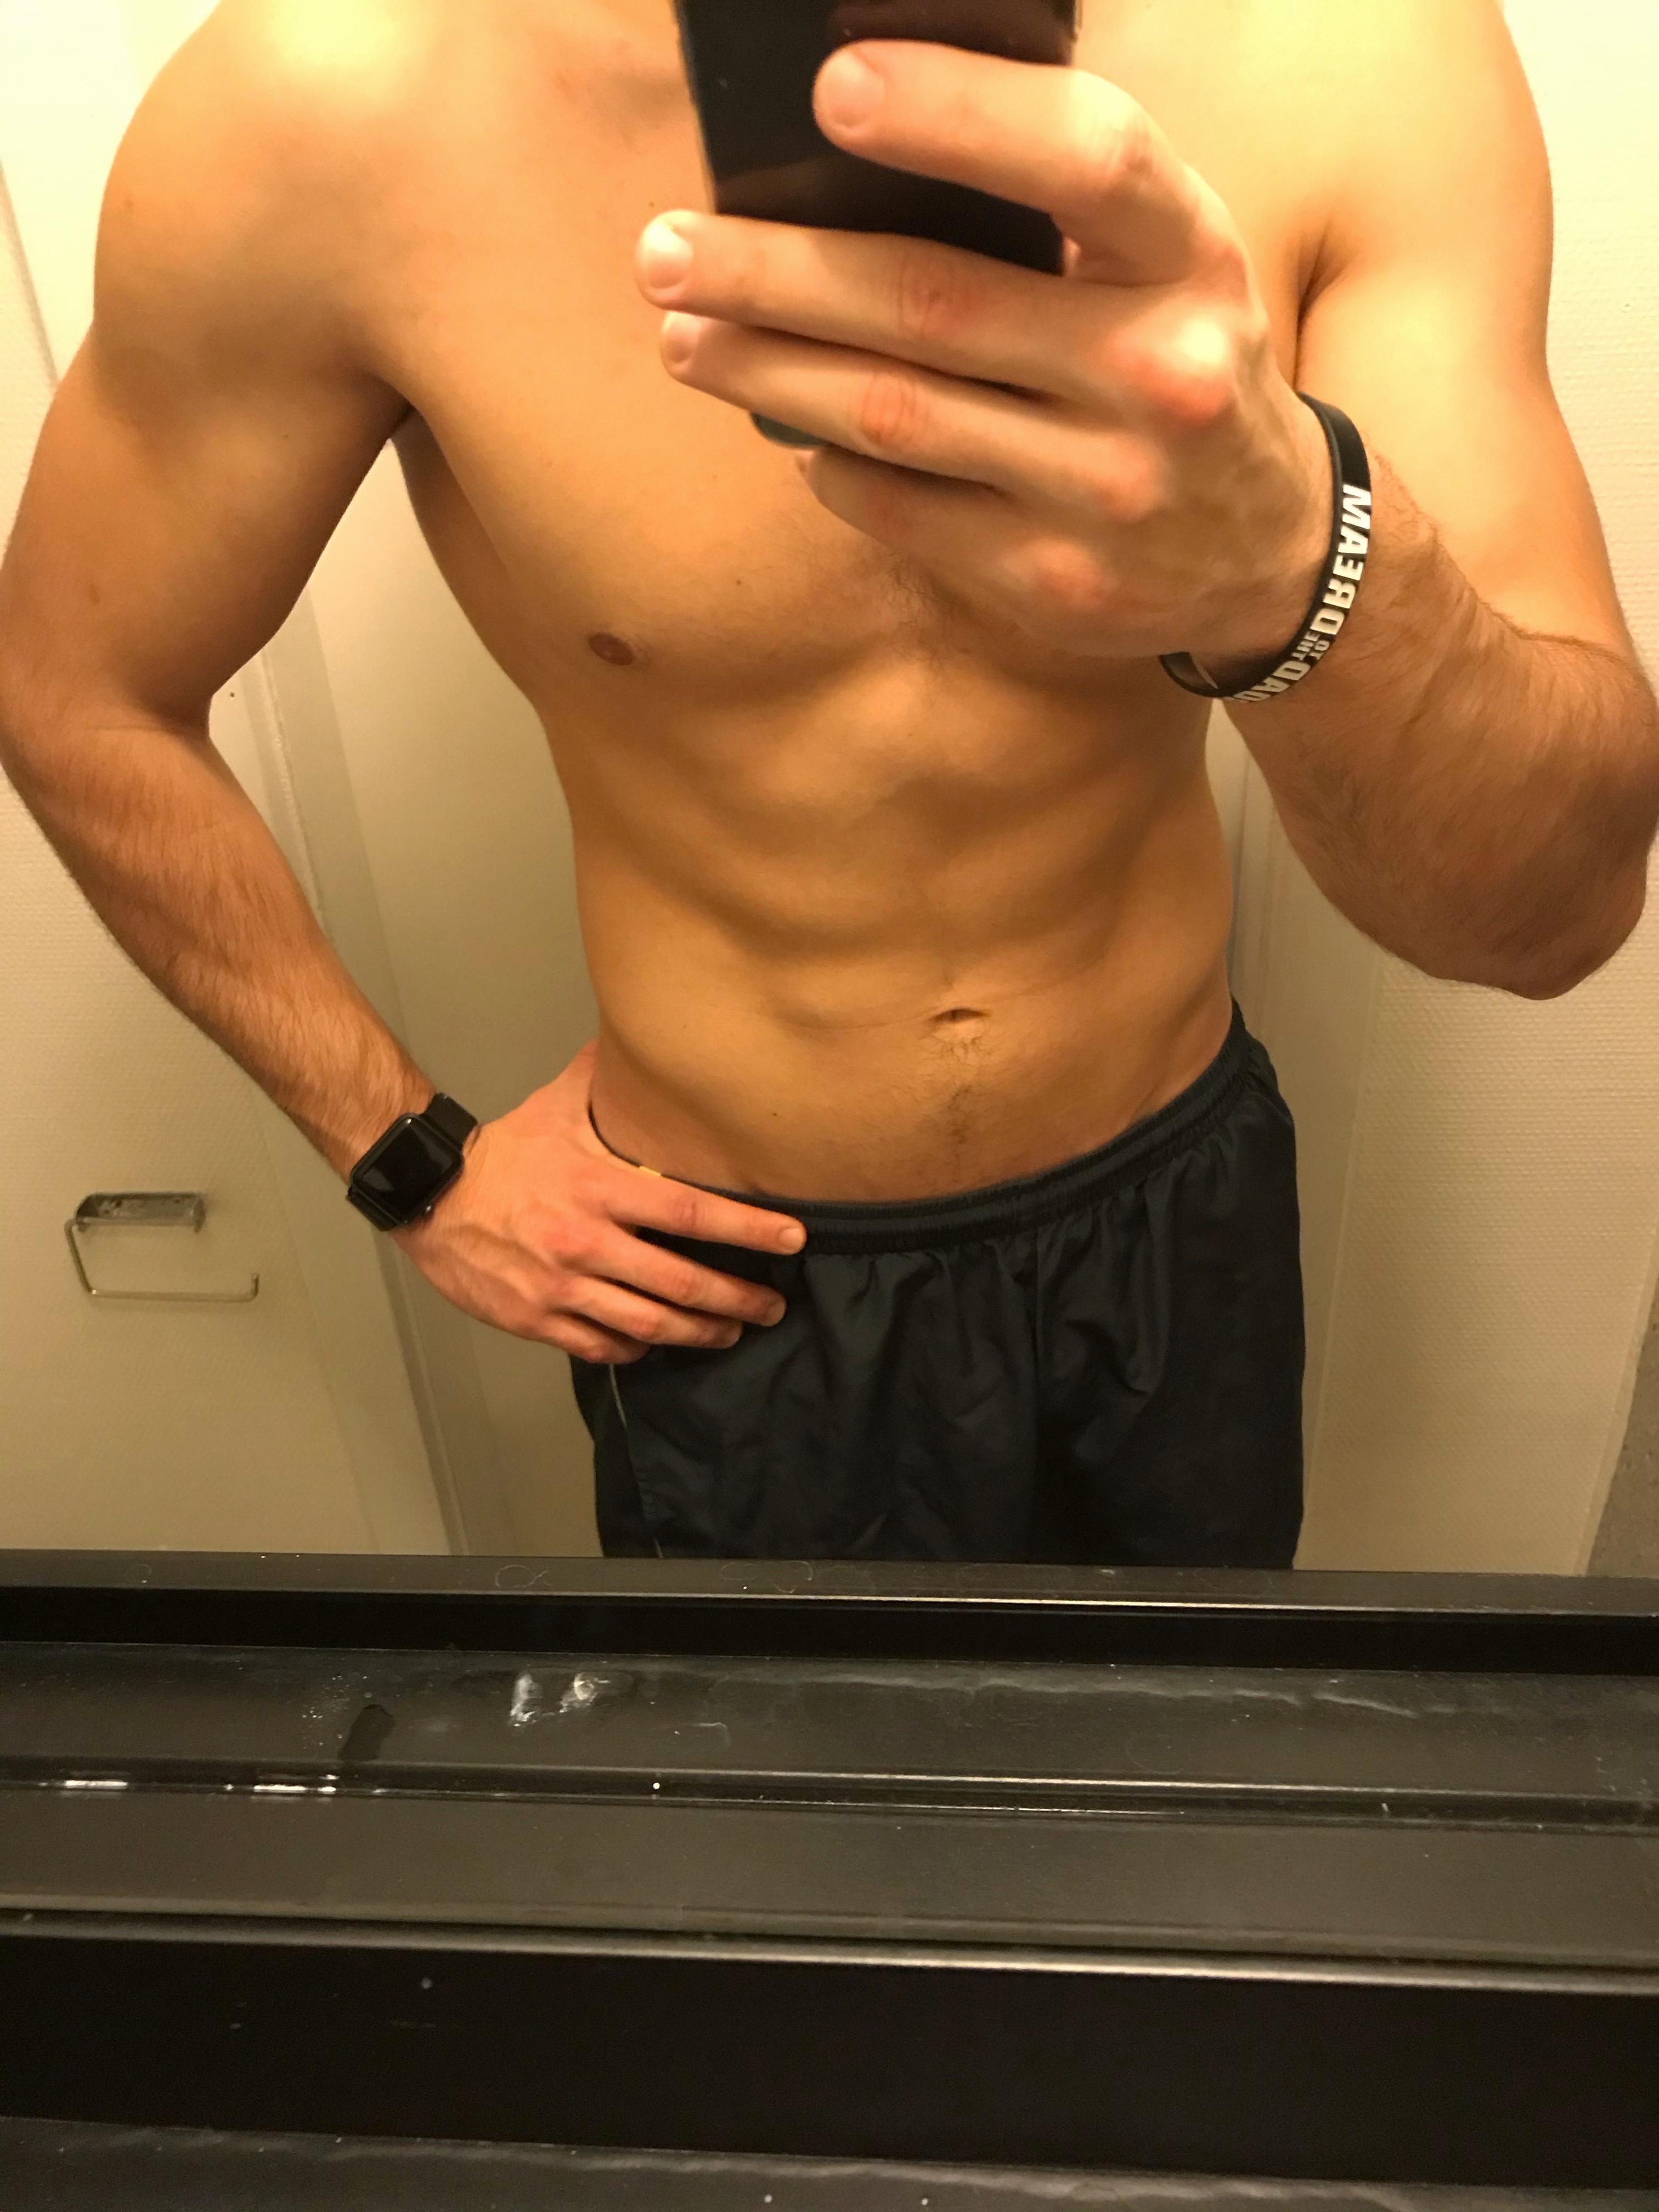 Фото Помогу с набором мышечной массы или похудением без вреда для здоровья и добавок 1